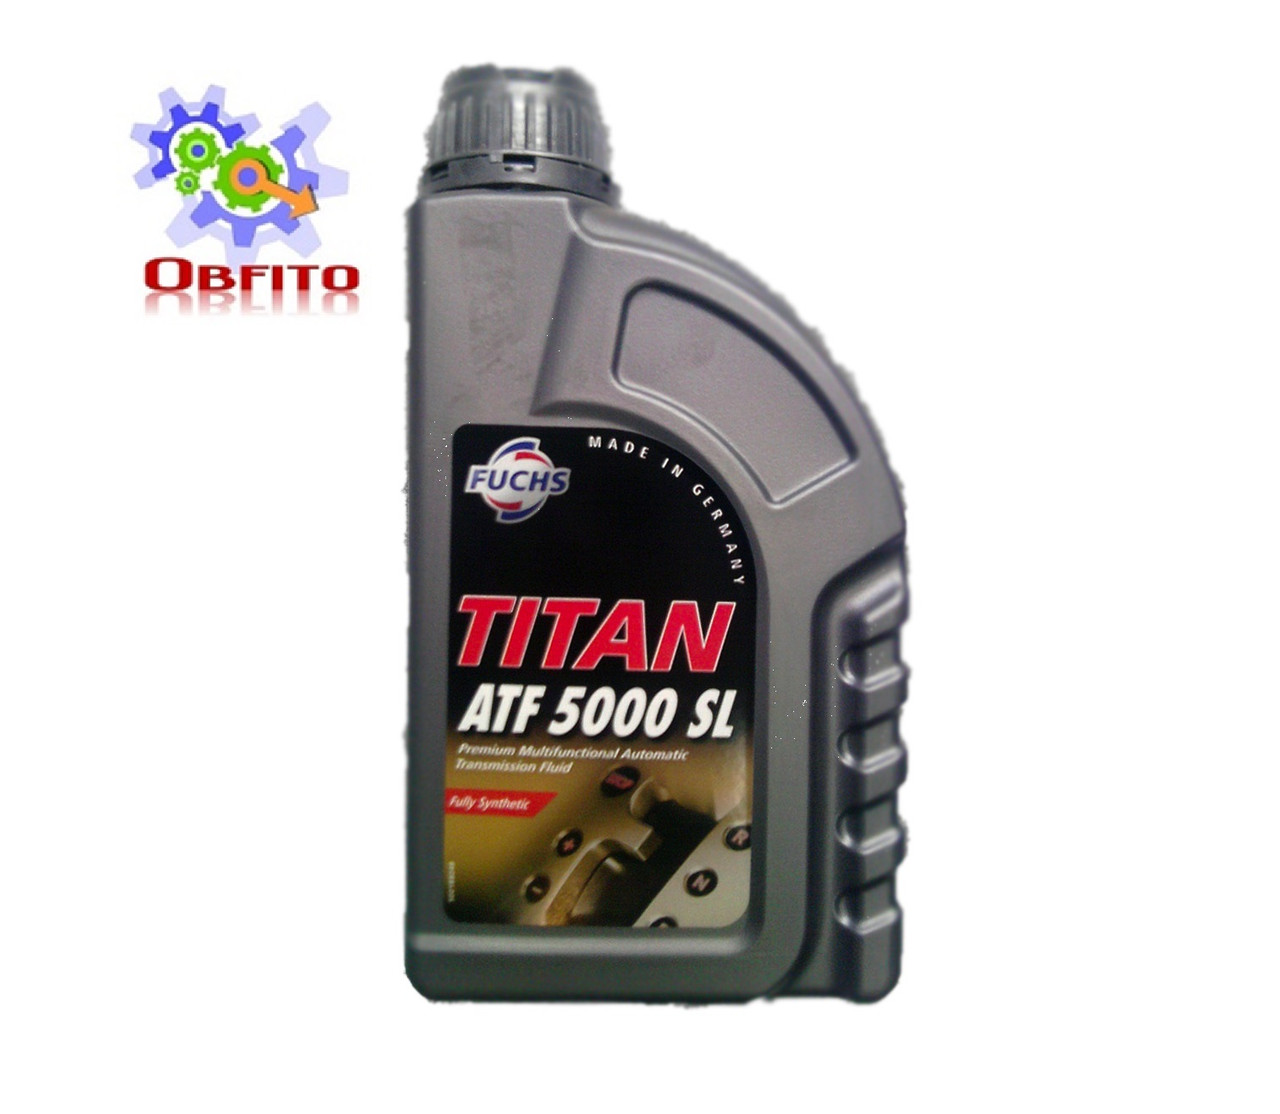 Fuchs TITAN ATF 5000 SL, 1л масло трансмиссионное синтетическое